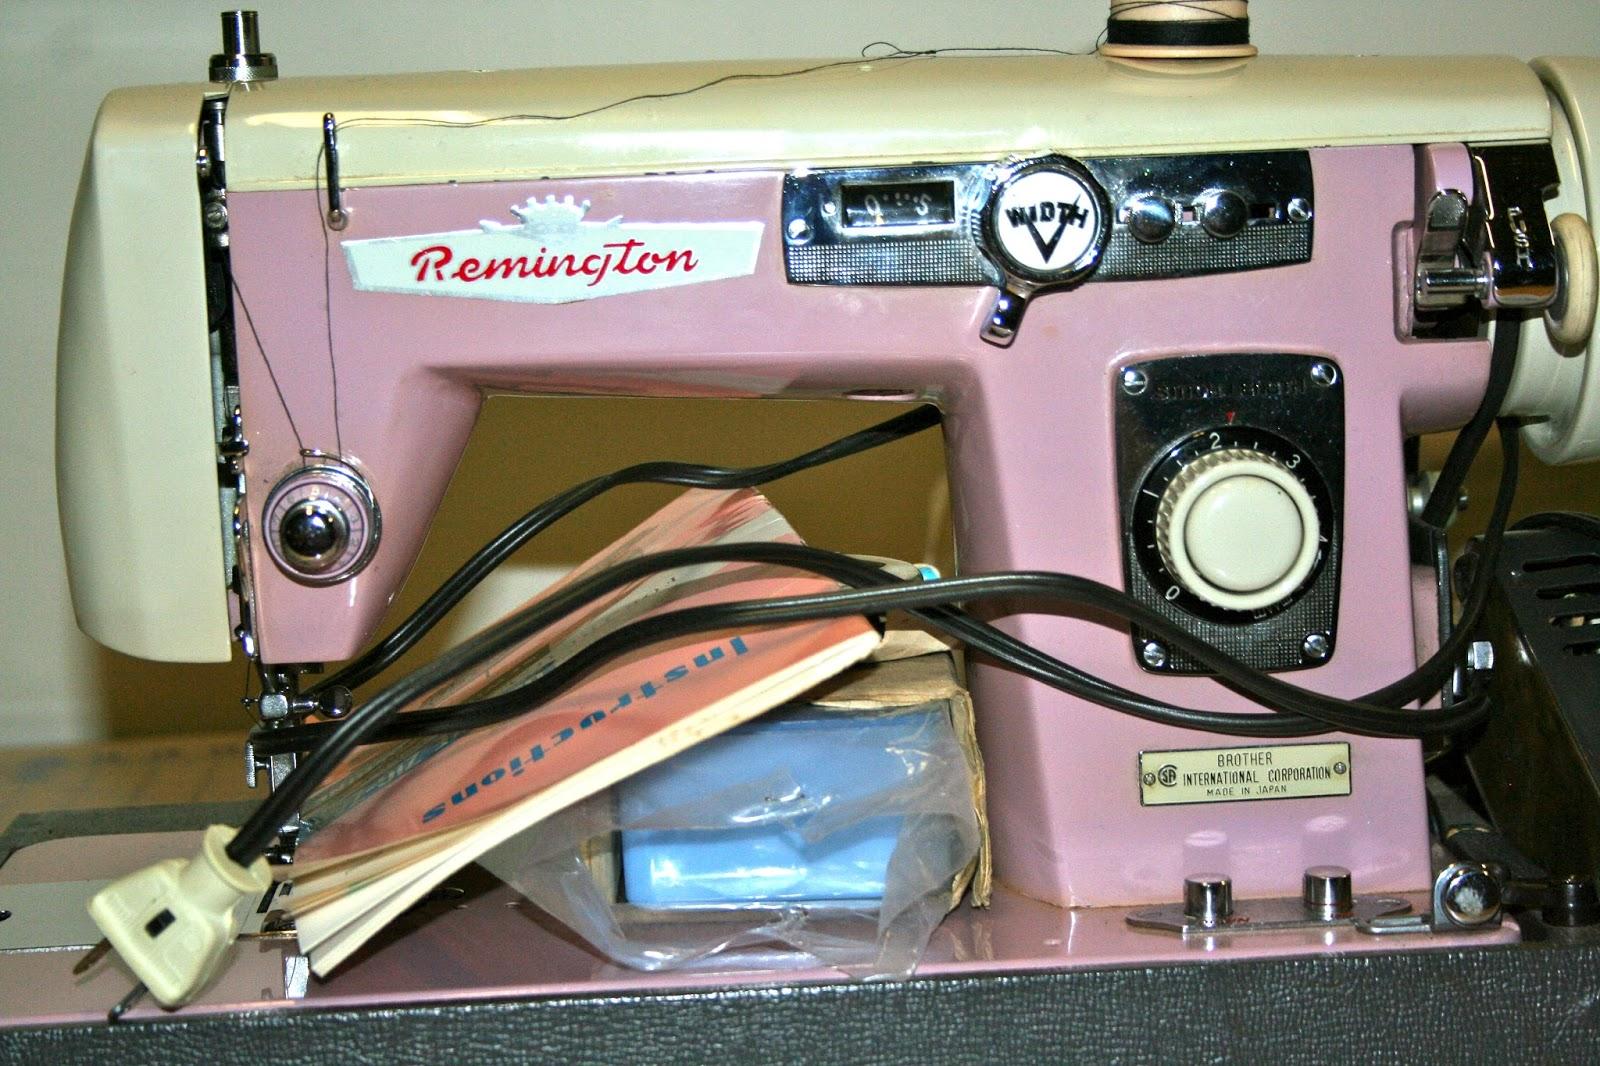 remington sewing machine manual